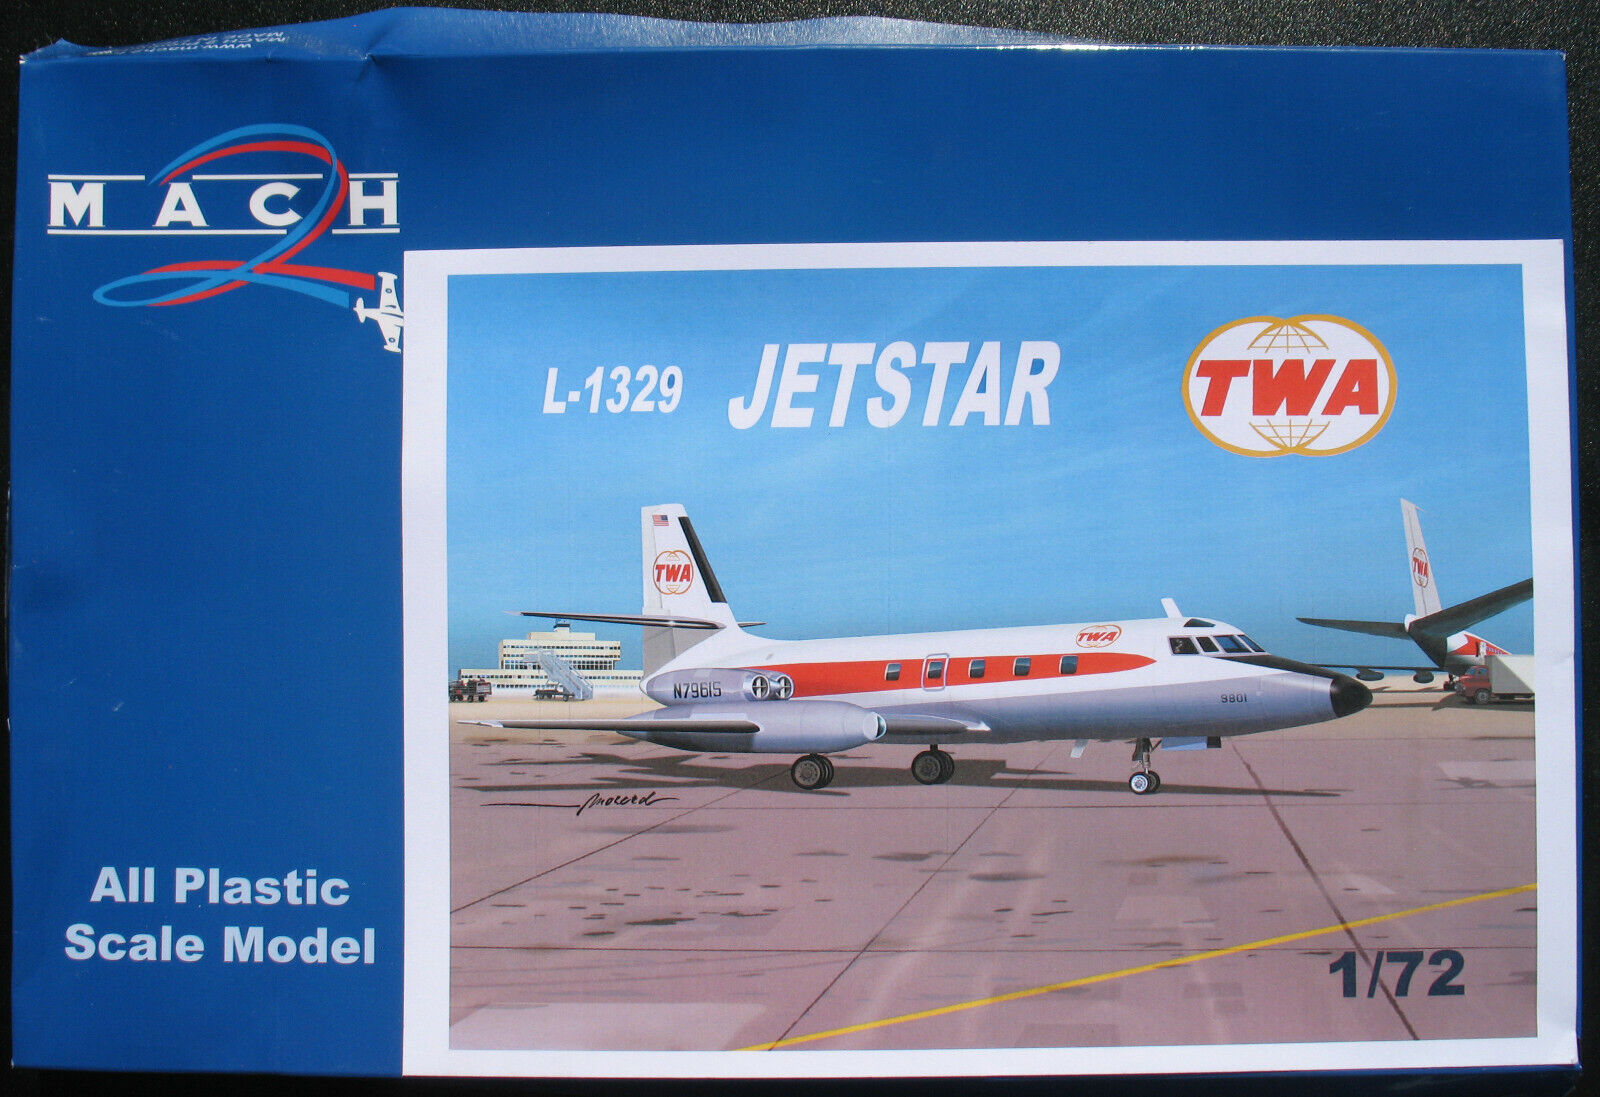 MACH 2 GP090 - JETSTAR L-1329 - TWA - 1 72 - Flugzeug Modelbausatz Model Kit